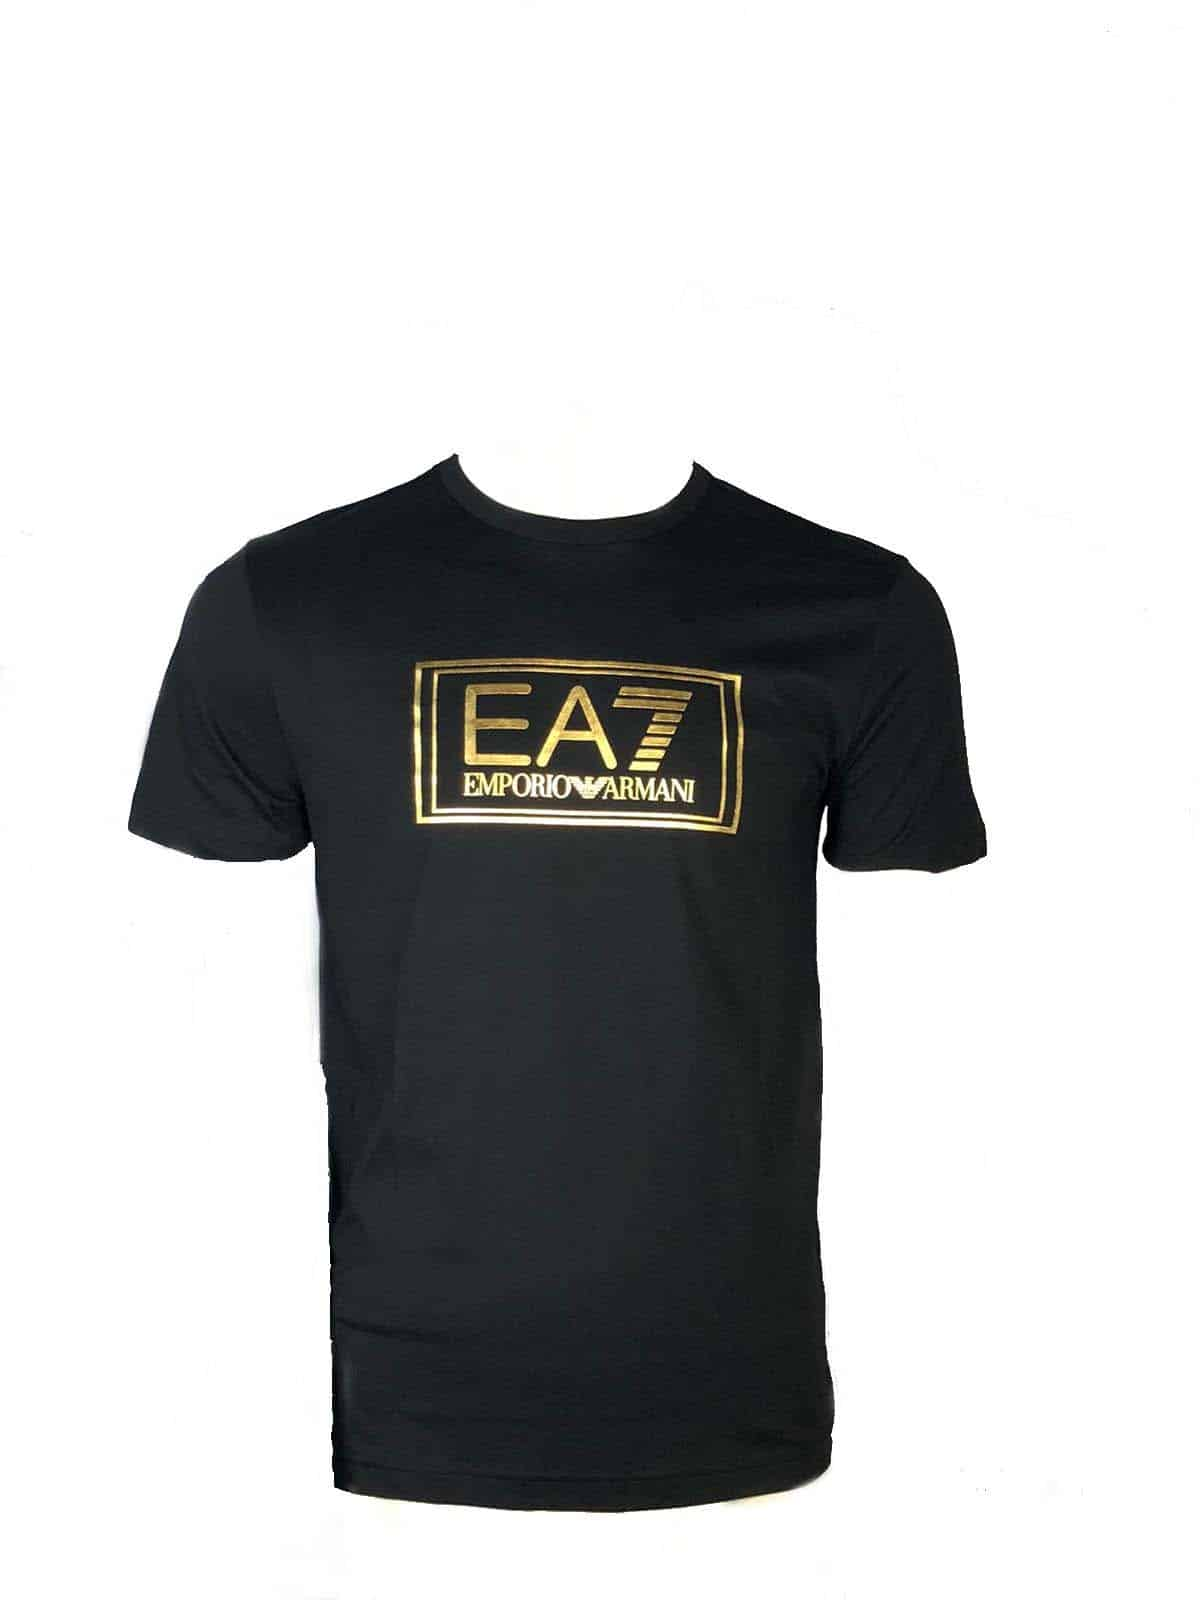 Armani EA7 T-Shirt